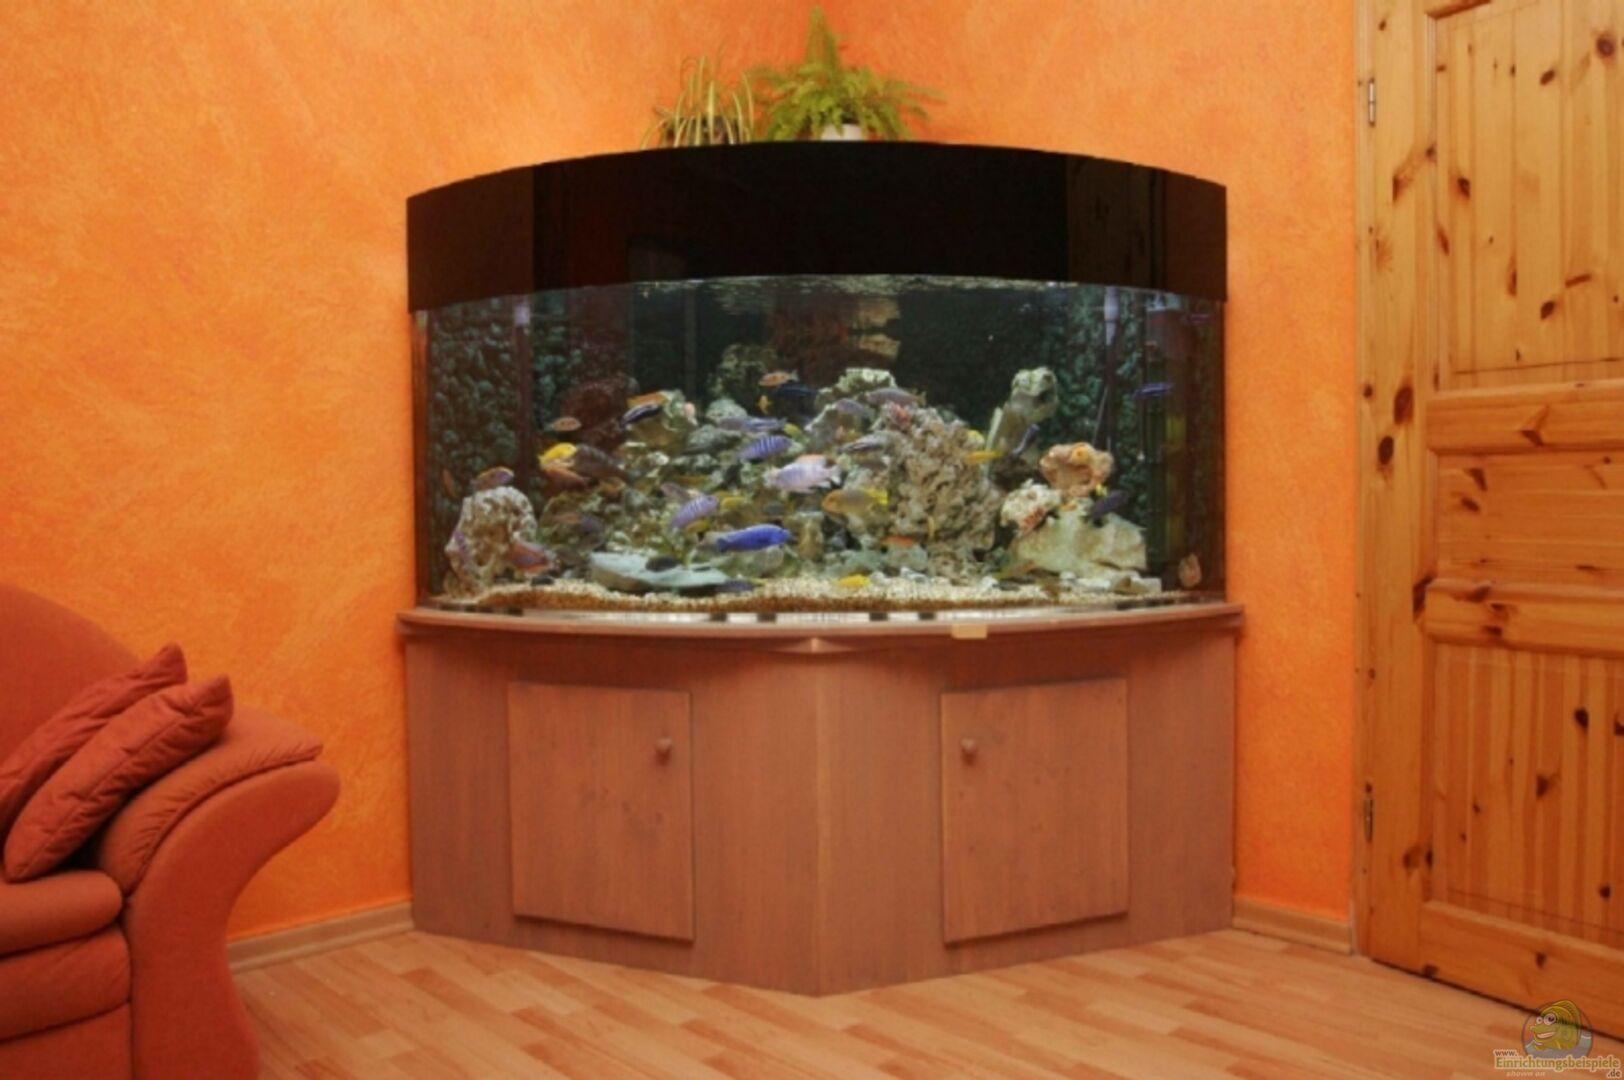 aquarium von ren ickelsheimer becken 4748. Black Bedroom Furniture Sets. Home Design Ideas